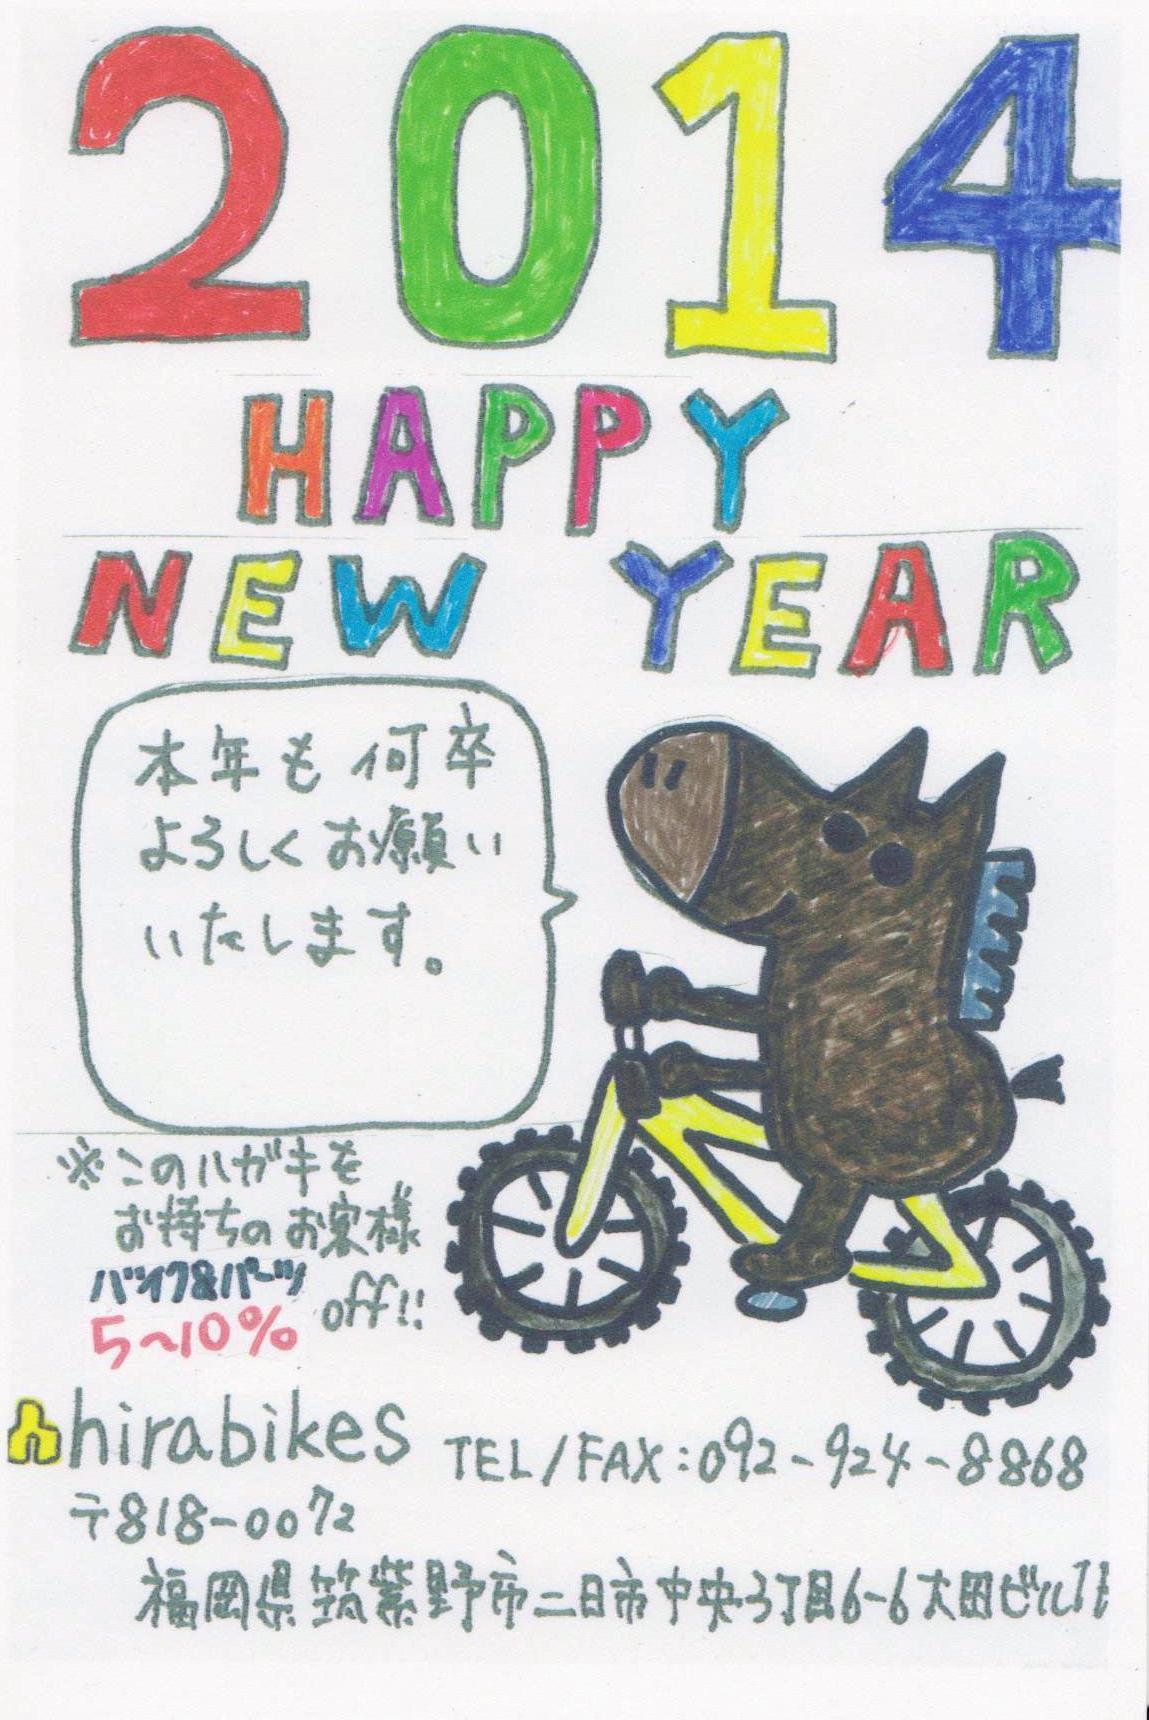 2014年 新年のご挨拶_a0210091_11302117.jpg